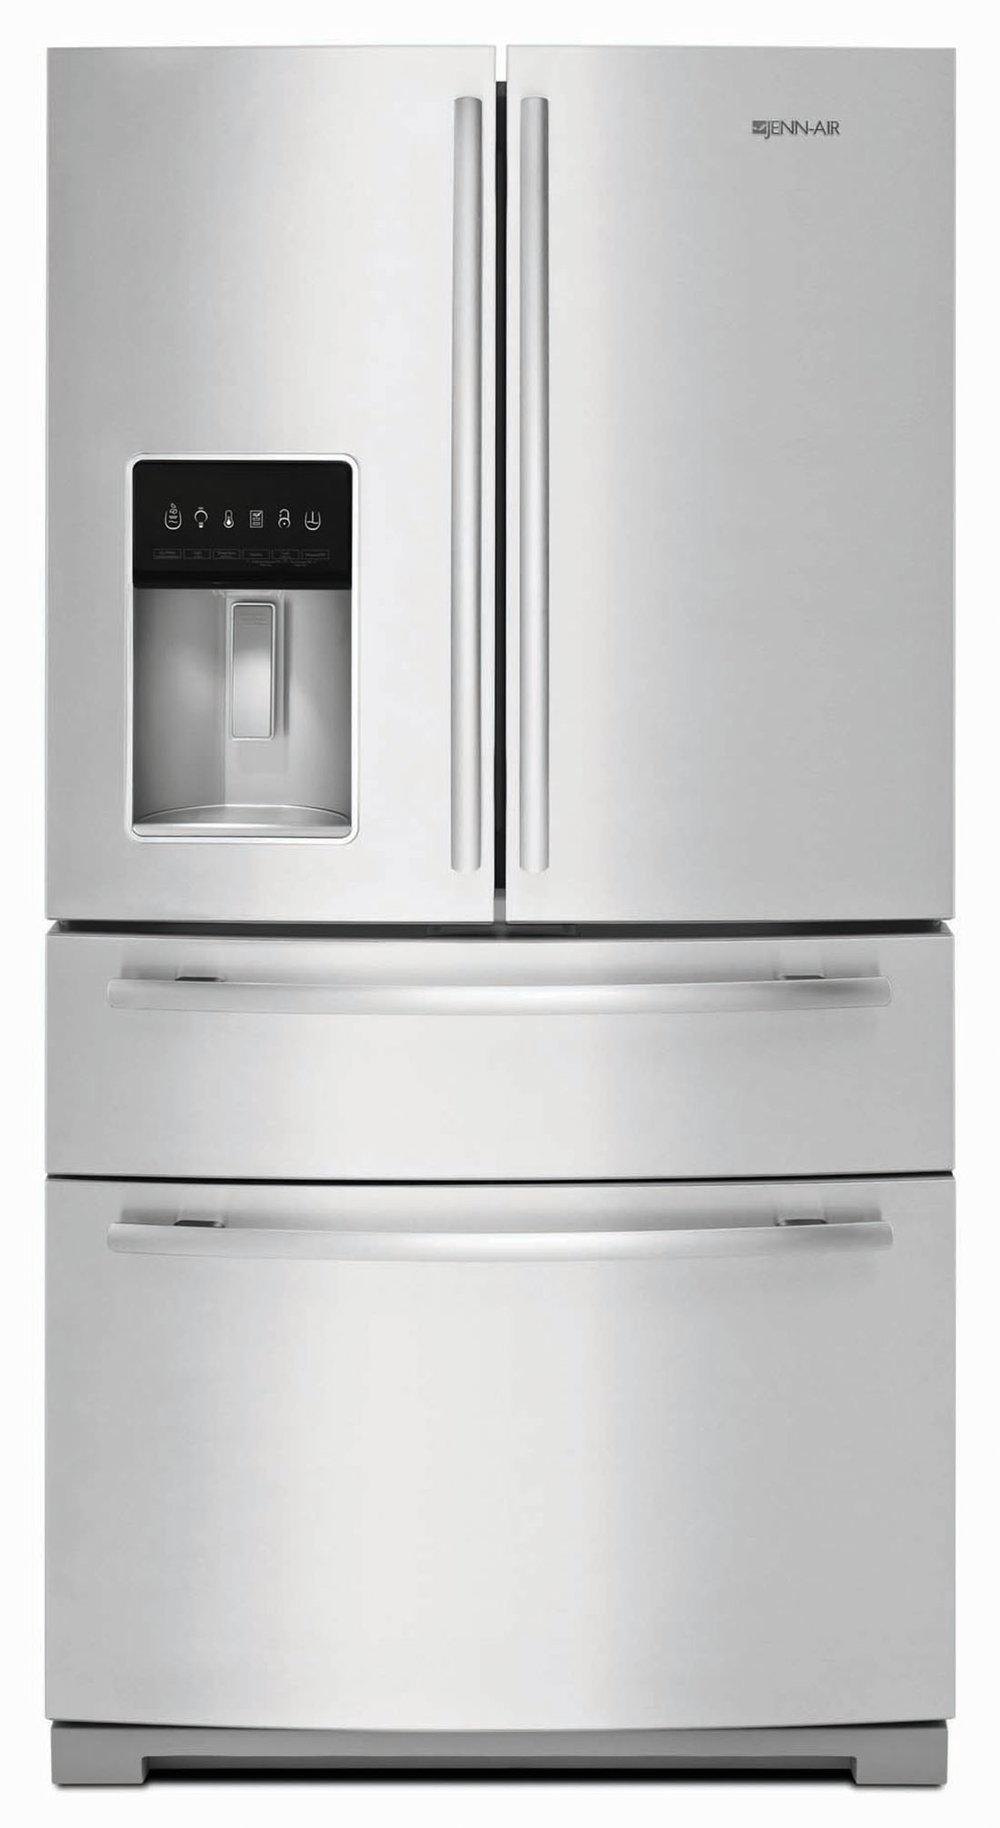 四門獨立式冰箱,附帶飲料機 At Trail Appliances, (604) 278-6133, jennairblack.ca